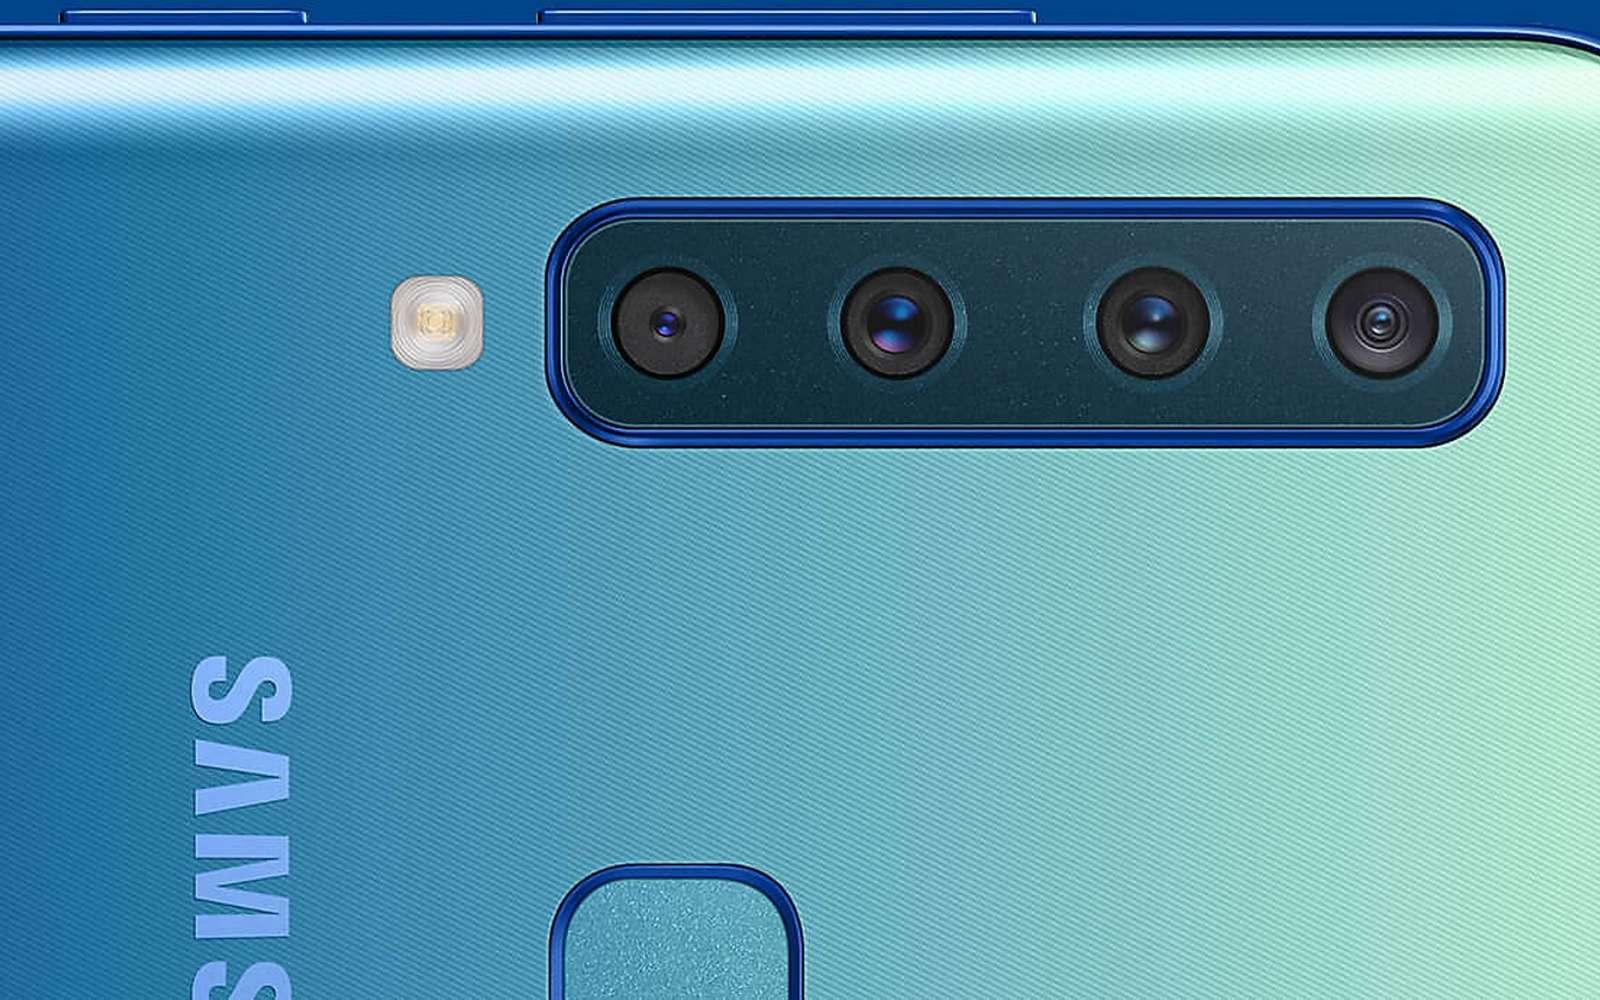 En plus de multiplier les capteurs, leur quantité en mégapixels explose. Les prochains mobiles de Xiaomi devraient être dotés d'un capteur signé Samsung qui culminera à 108 mégapixels. © Samsung